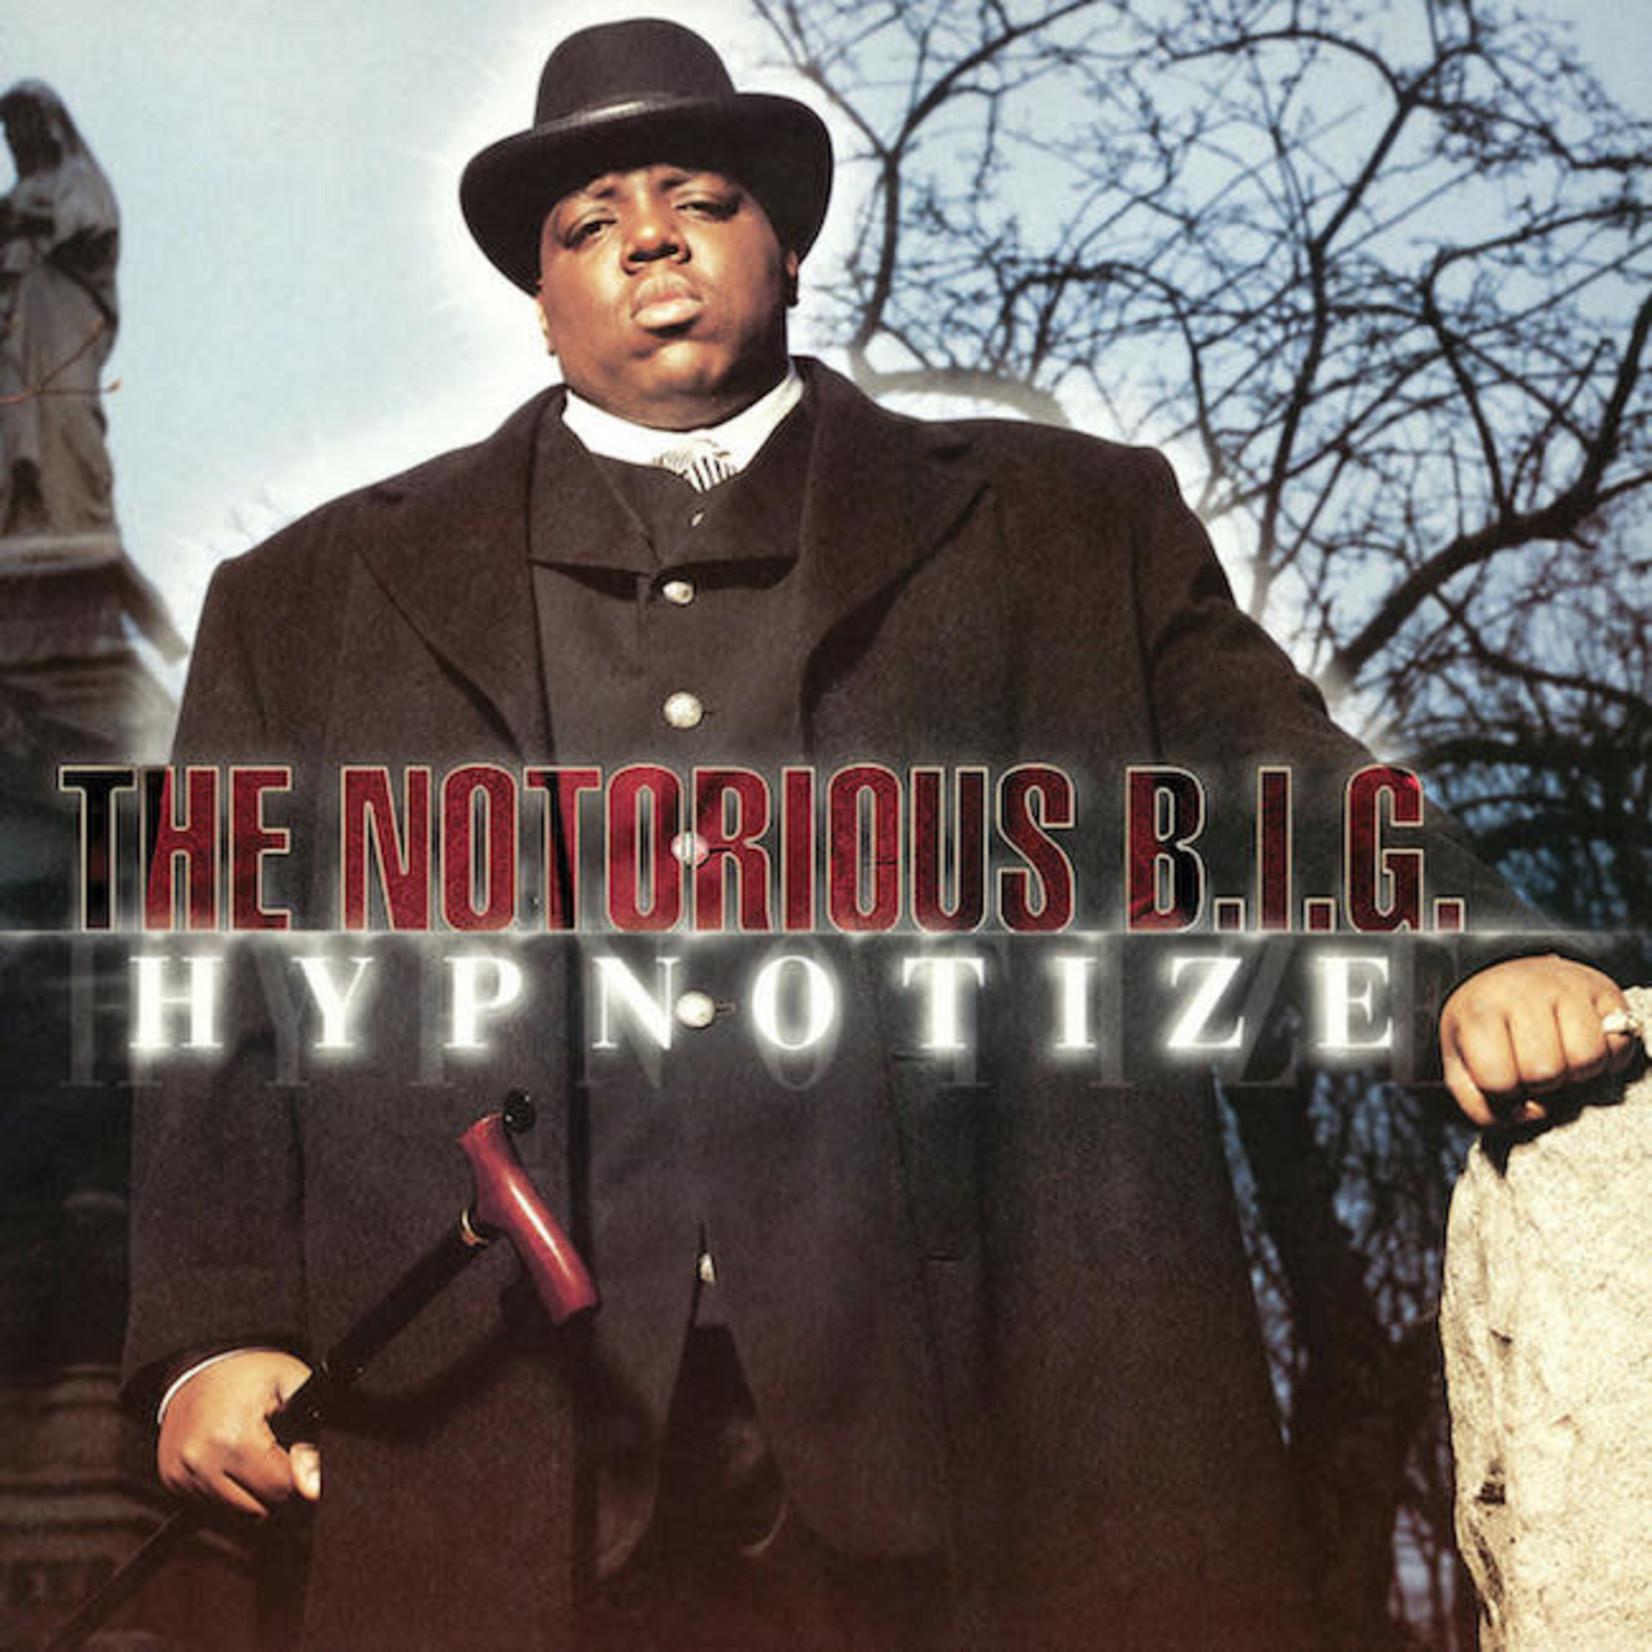 [New] Notorious B.I.G: Hypnotize (12'', black & orange vinyl)